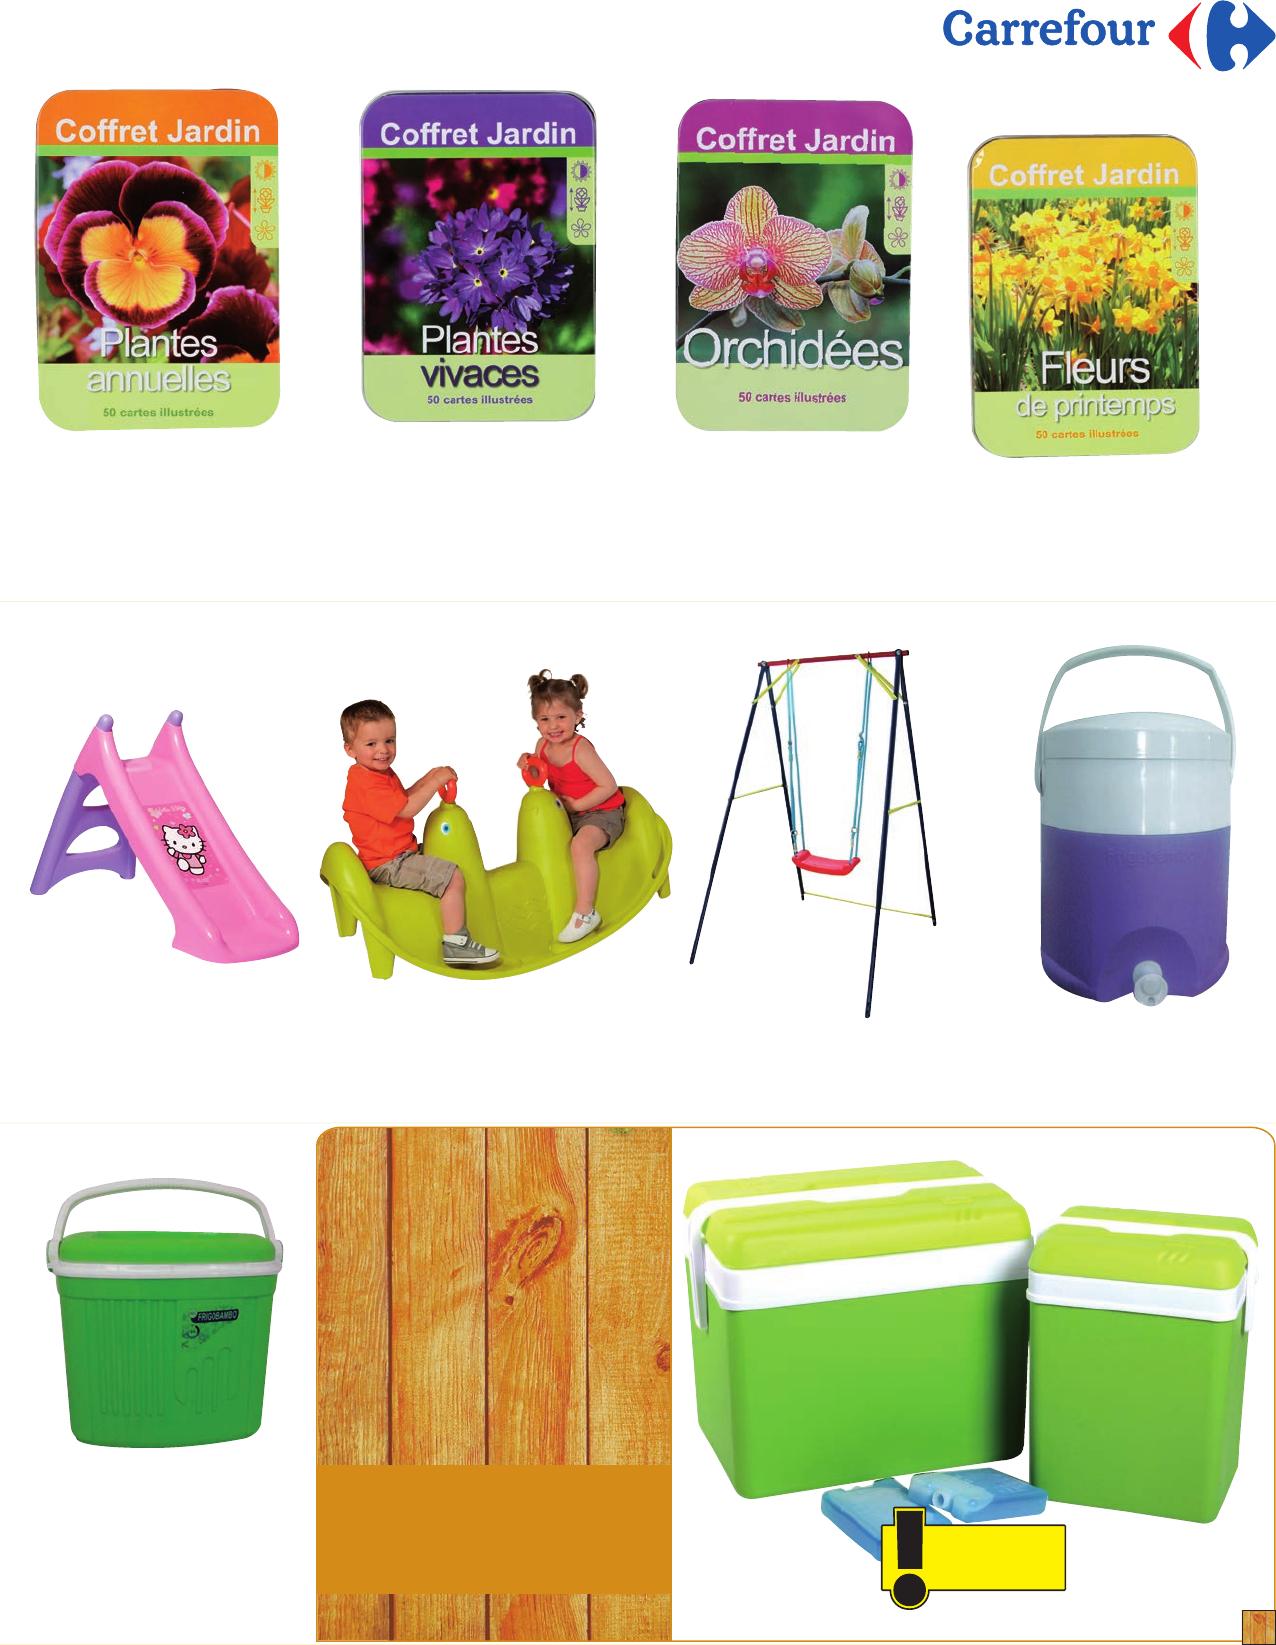 Catalogue Carrefour Le Bonheur L'extrieur - [Pdf Document] avec Dalle Mousse Piscine Carrefour